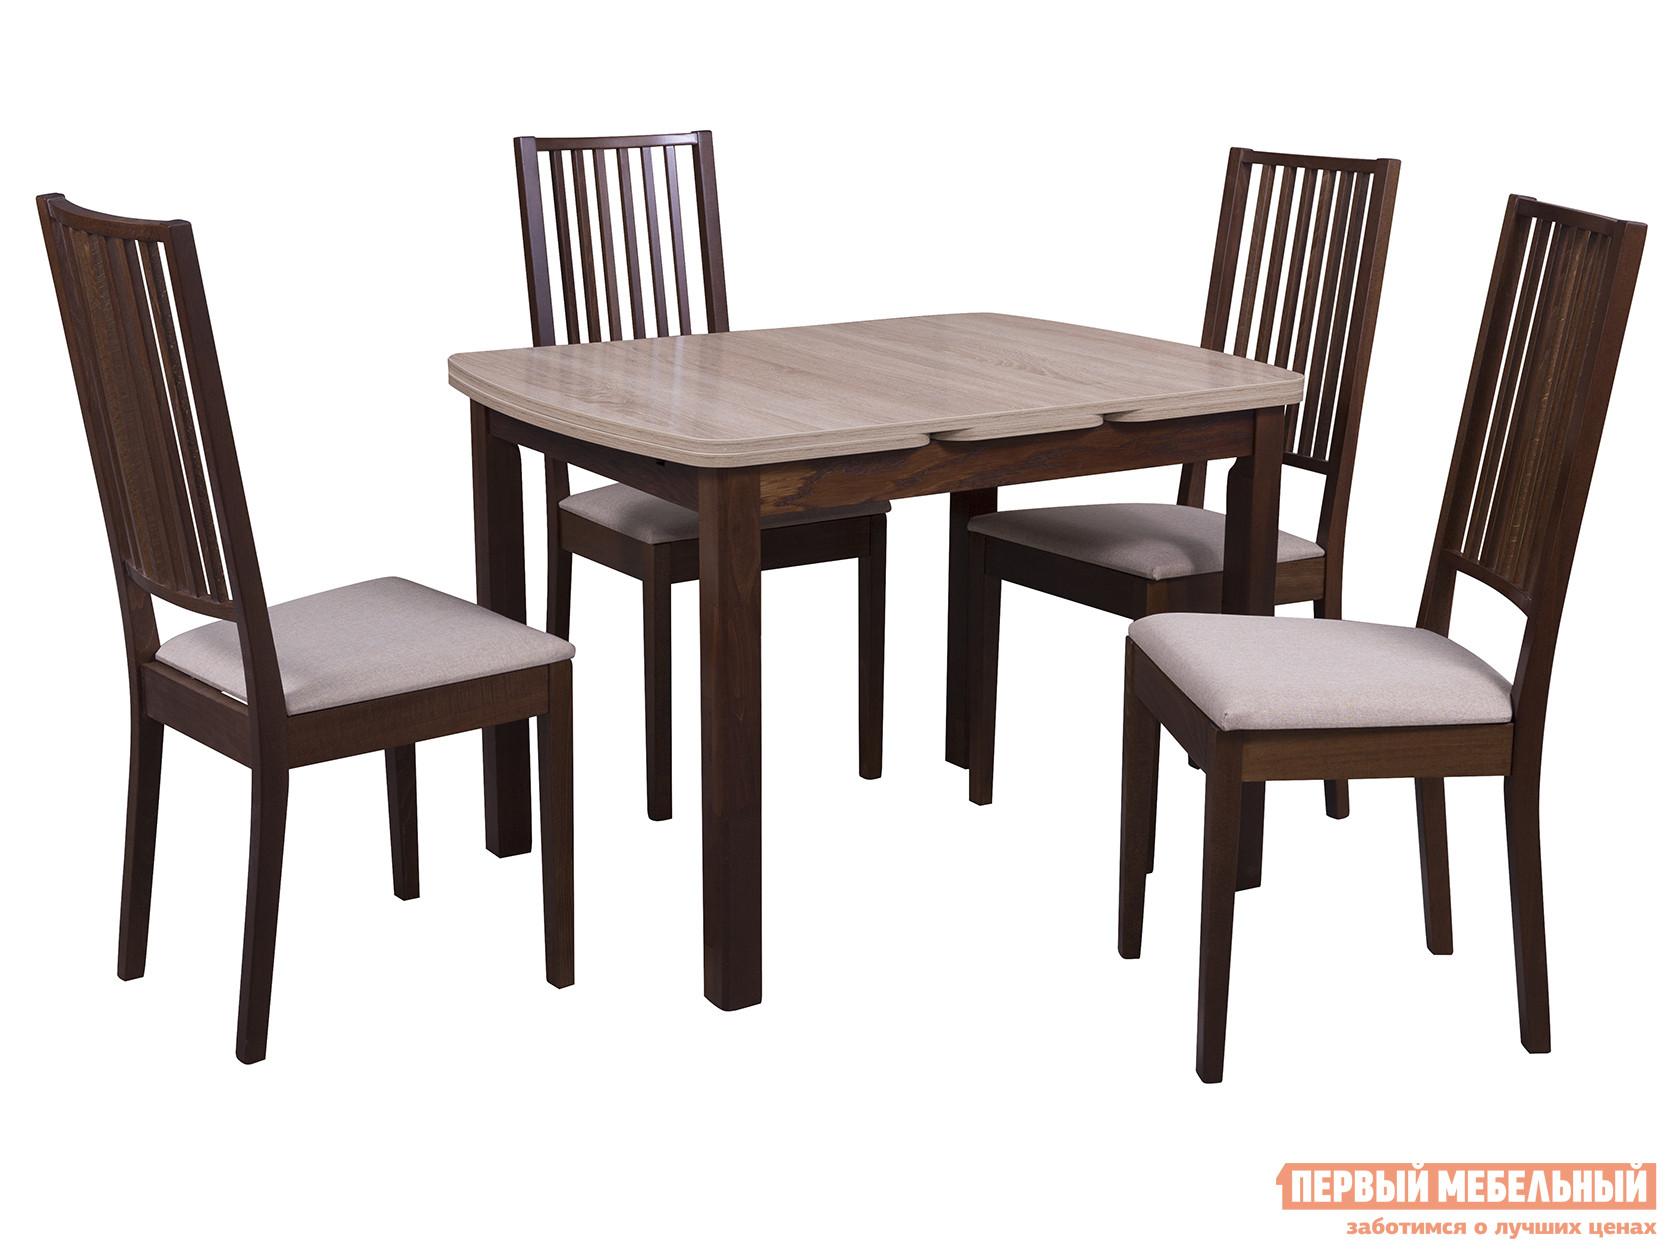 Обеденная группа для столовой и гостиной Mebwill Стол Орлеан + 4 стула Родос цена 2017